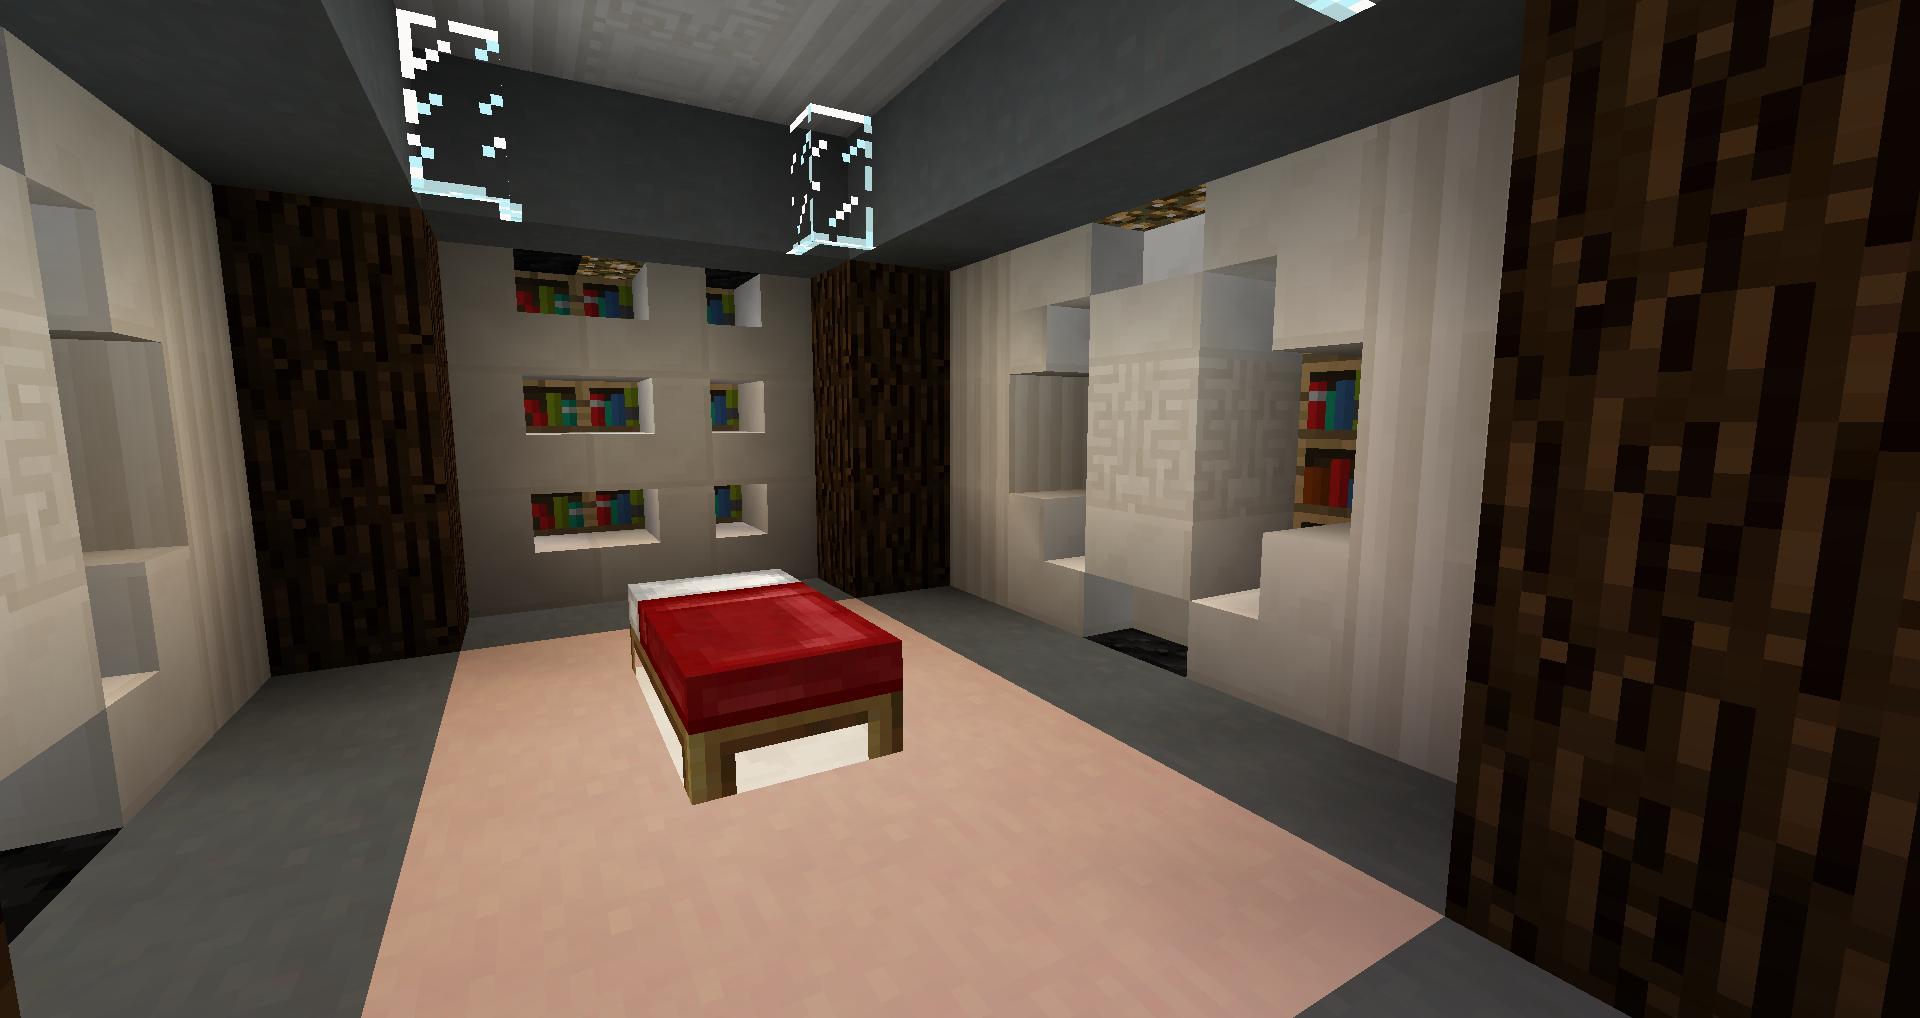 My simple bedroom design pikdit 1920x1018